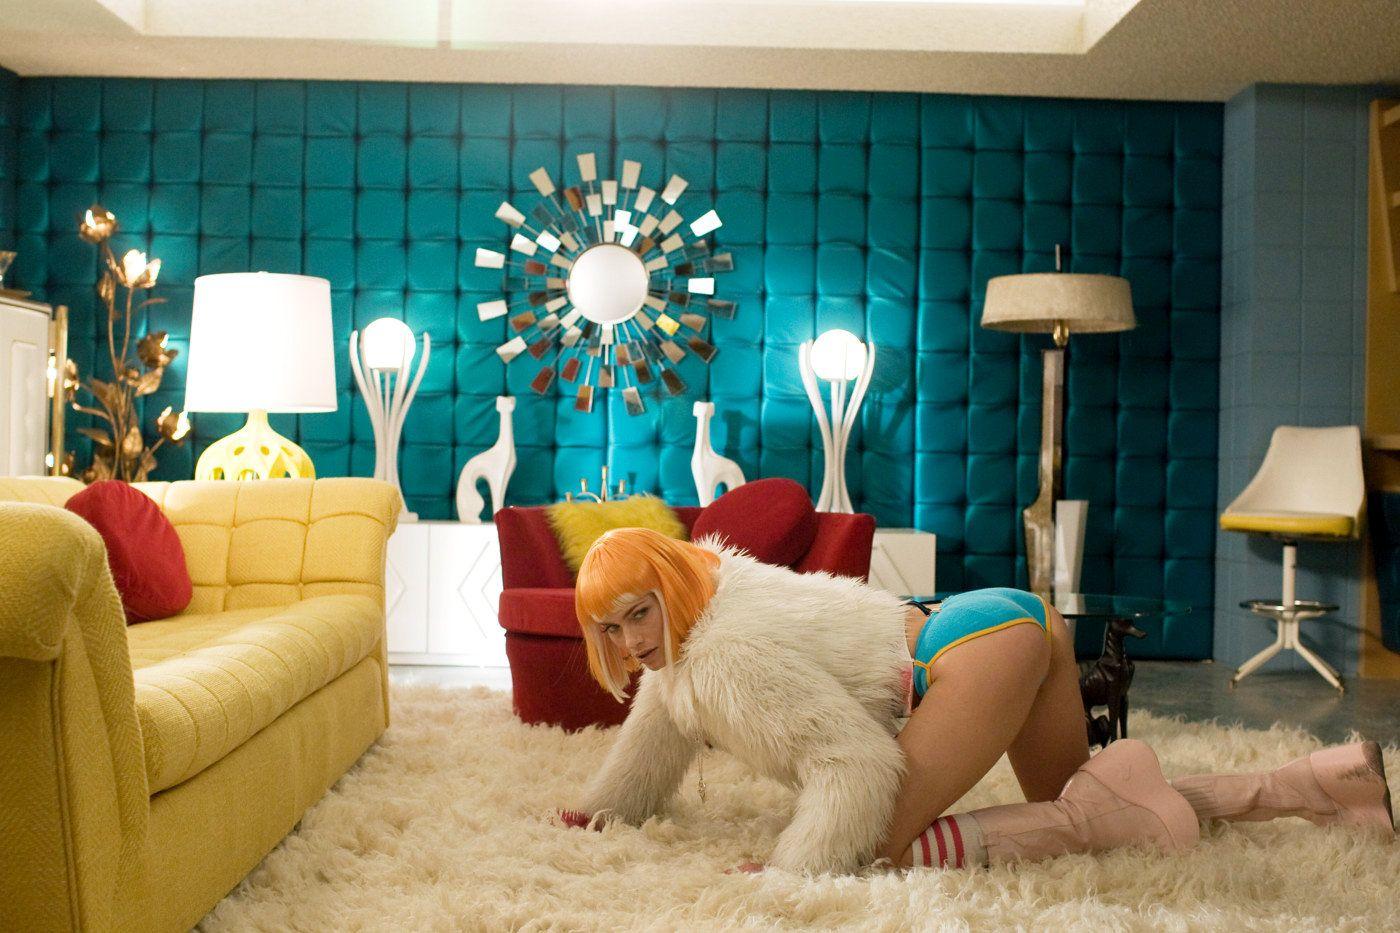 Amber Valletta Gamer amber valletta in gamer | carpet, toddler bed, home decor